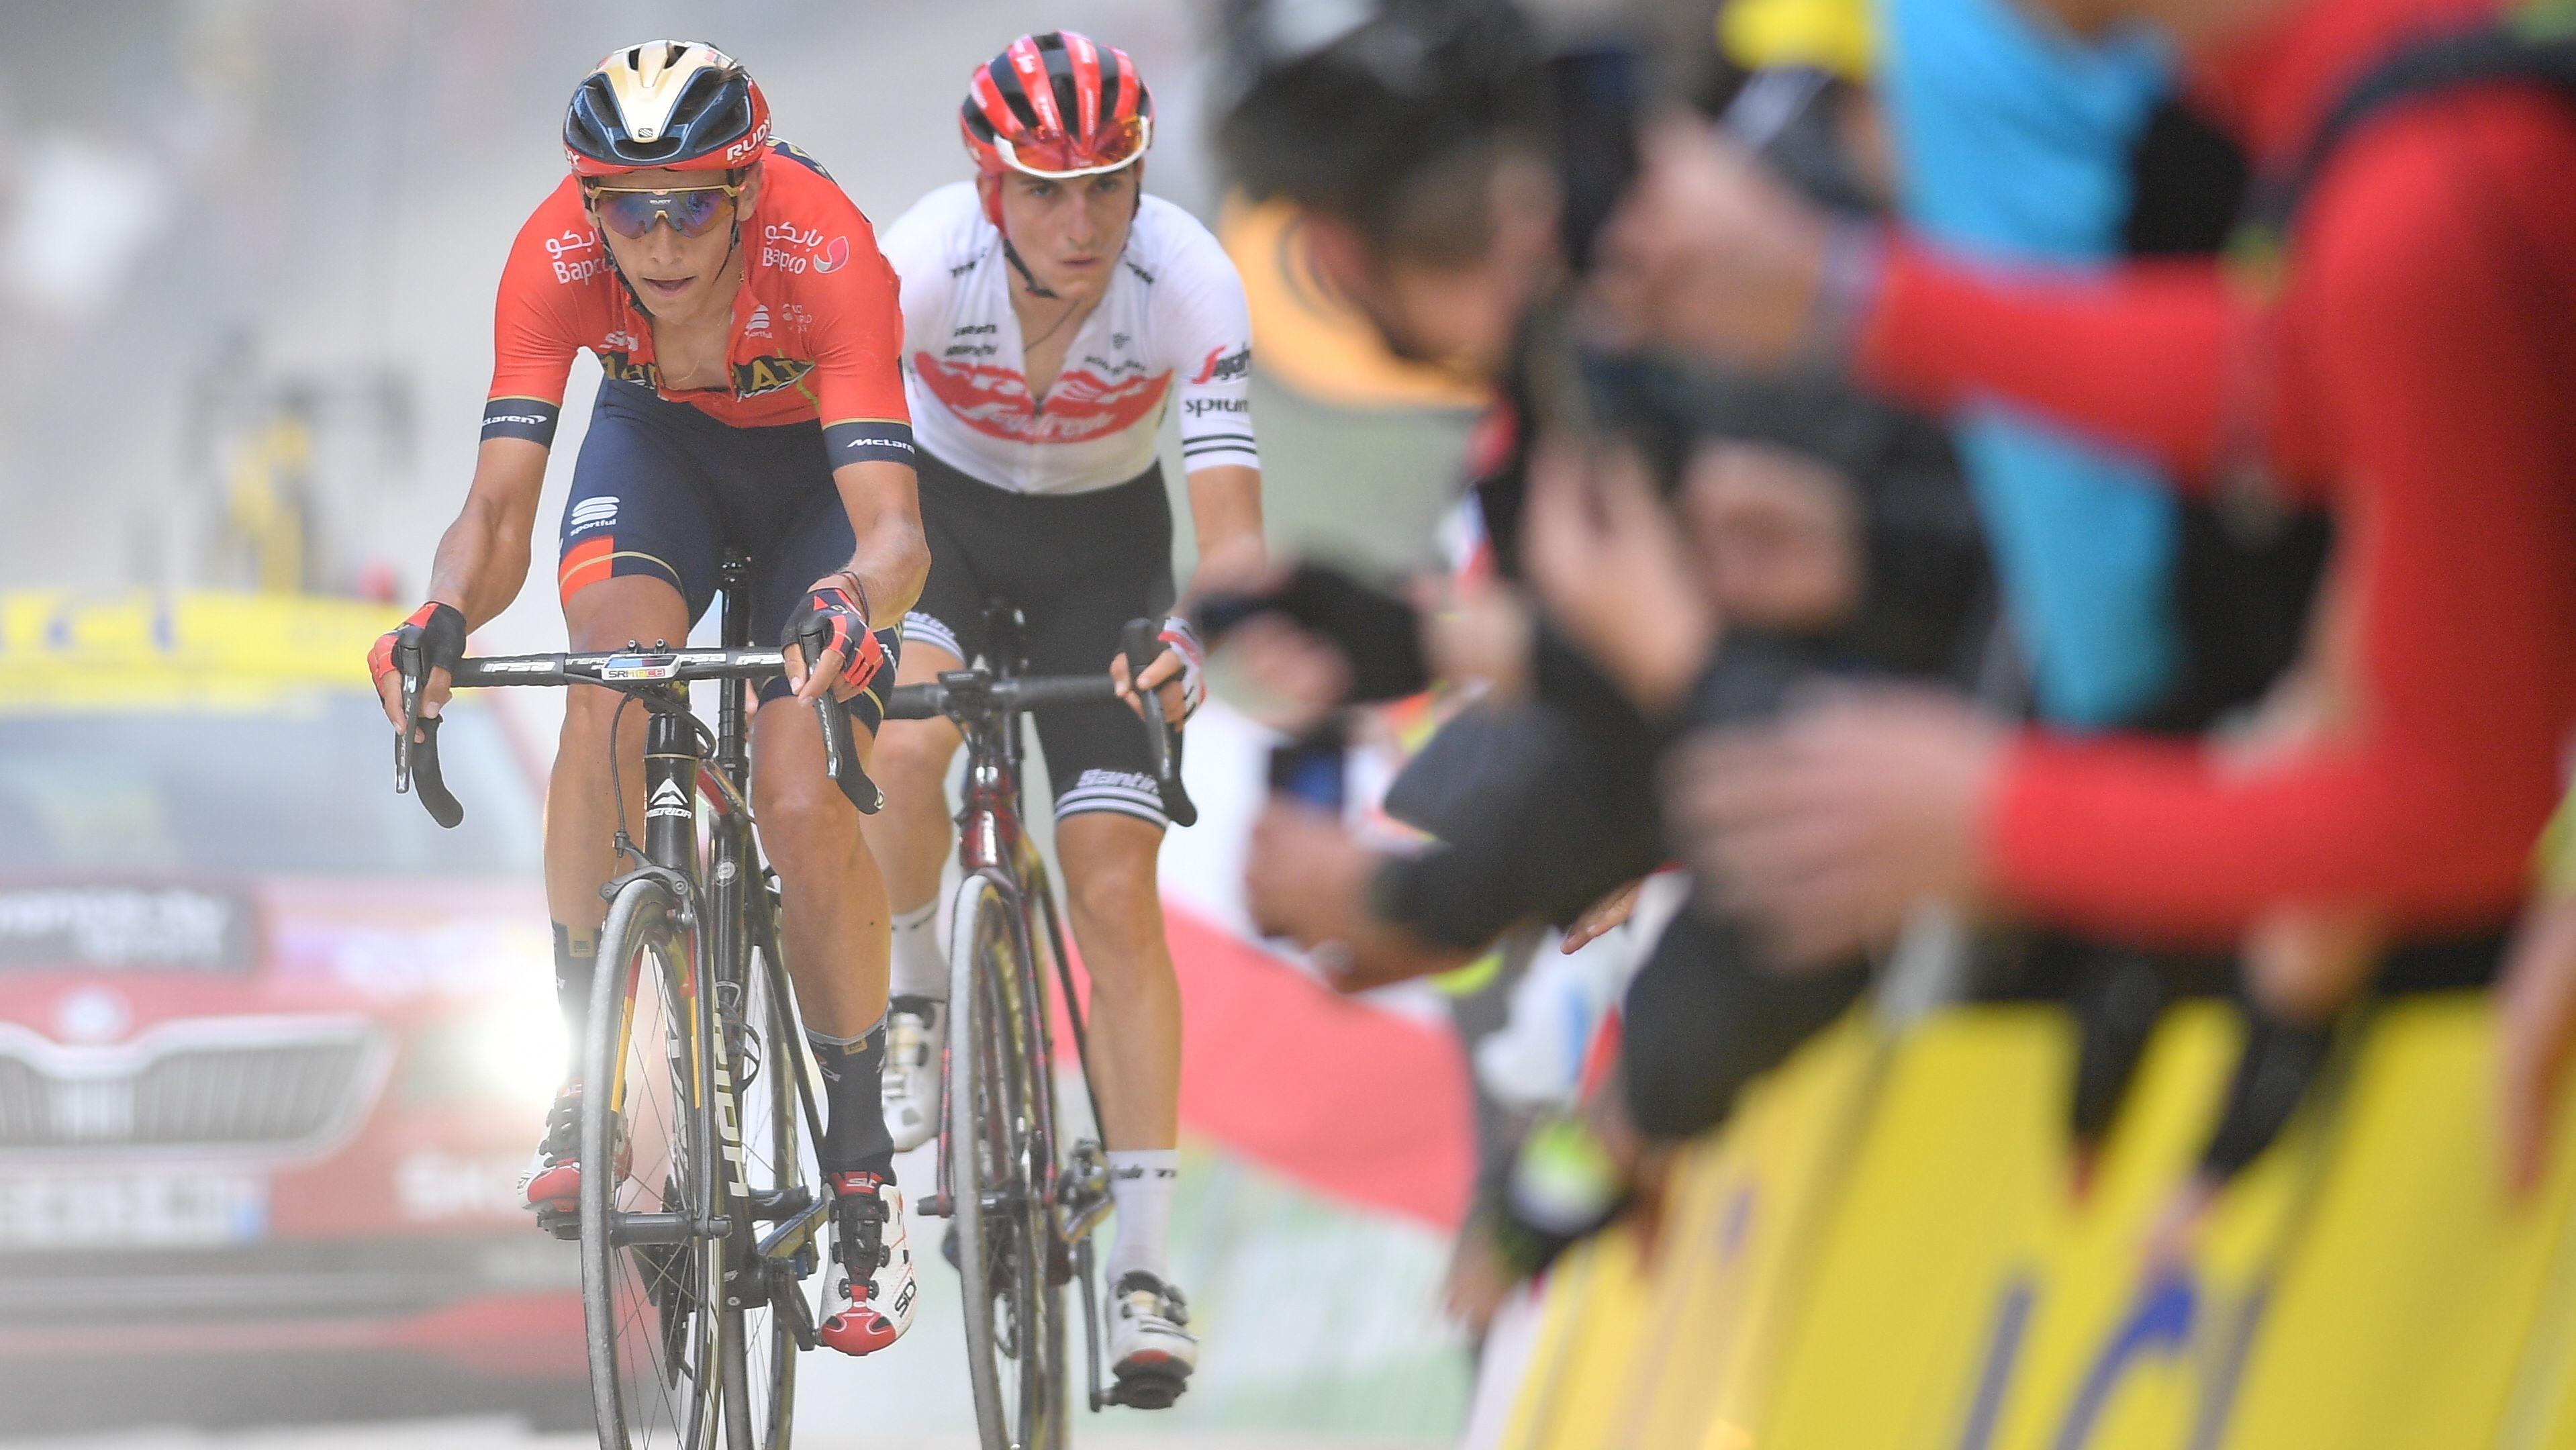 Giulio Ciccone (rechts) und Dylan Teuns auf der sechsten Etappe der Tou de France 2019